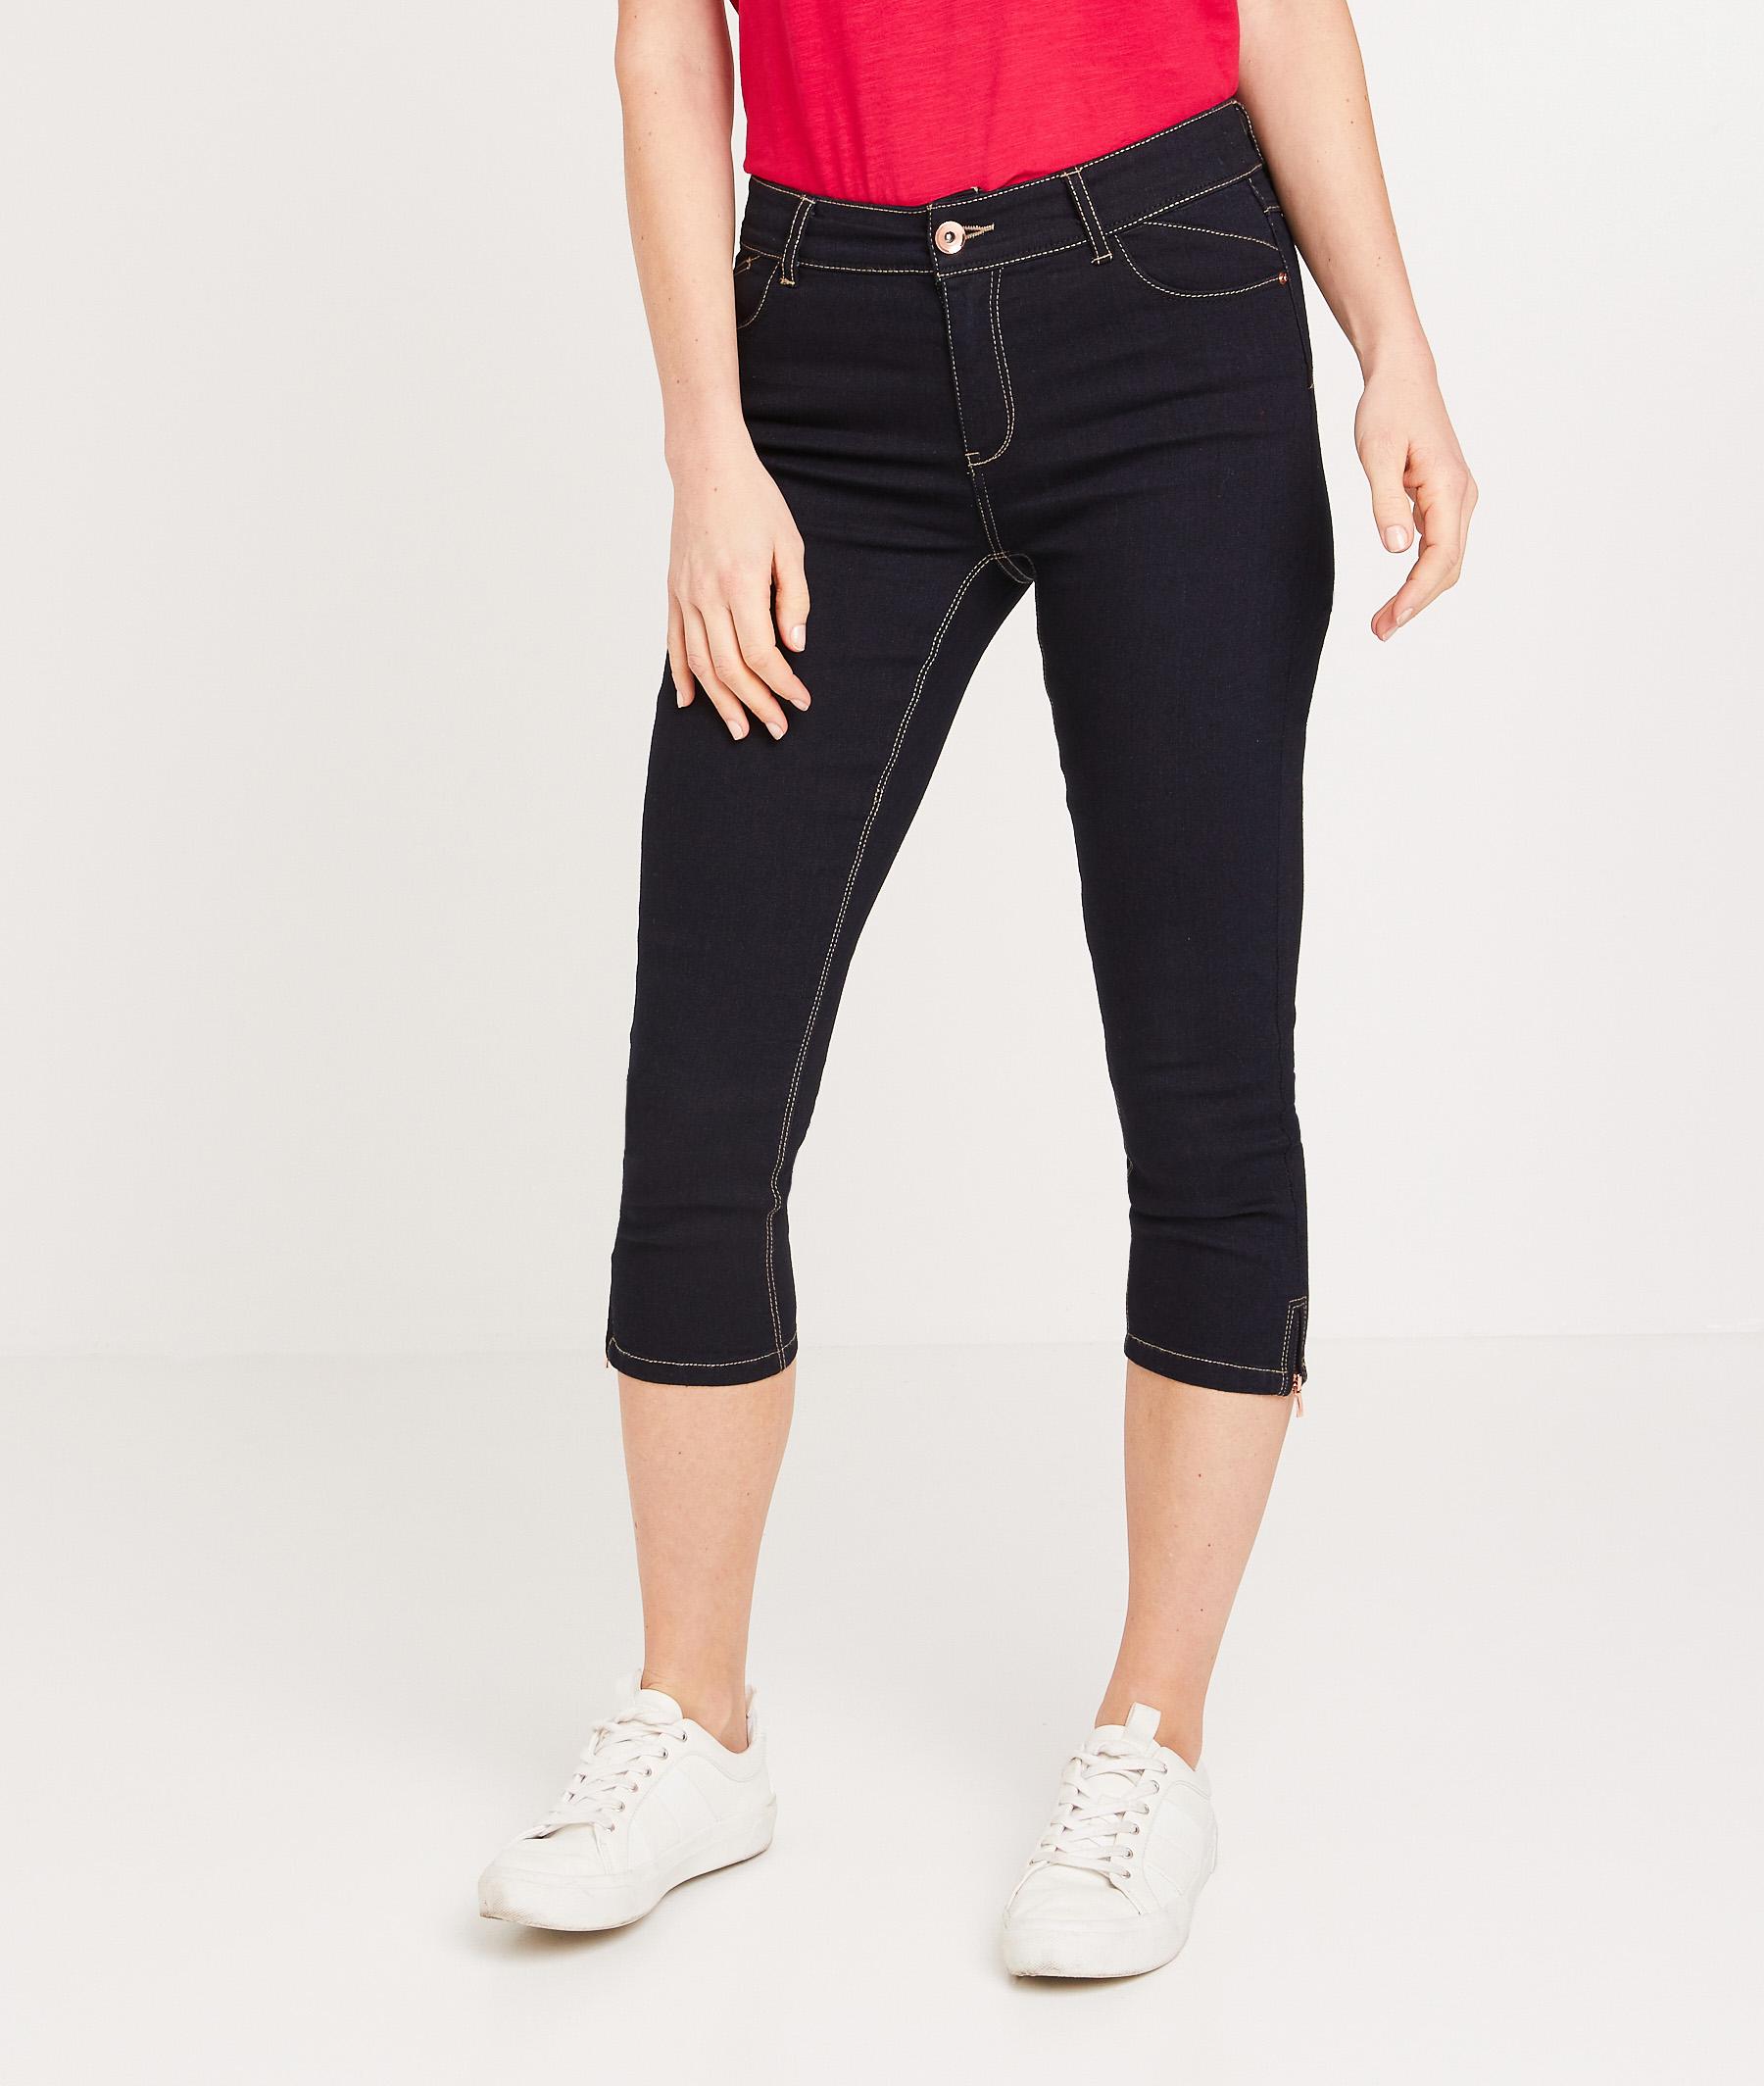 Corsaire en jean femme BLUE BLACK